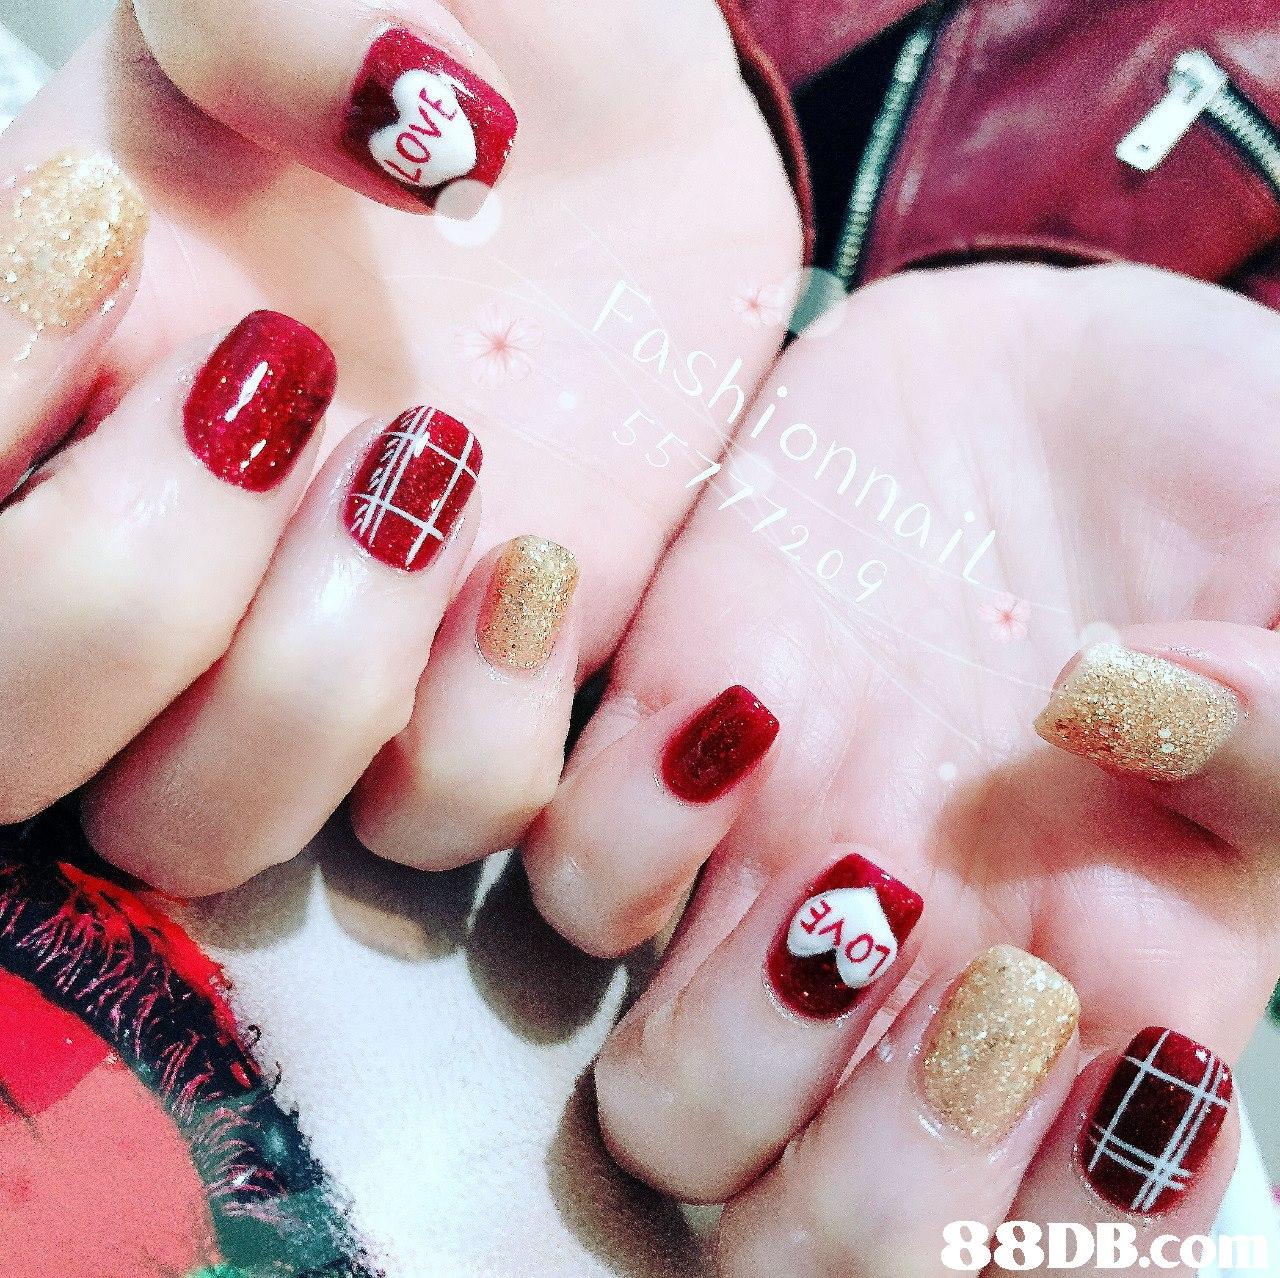 88DB.cq  Nail polish,Manicure,Nail,Nail care,Finger